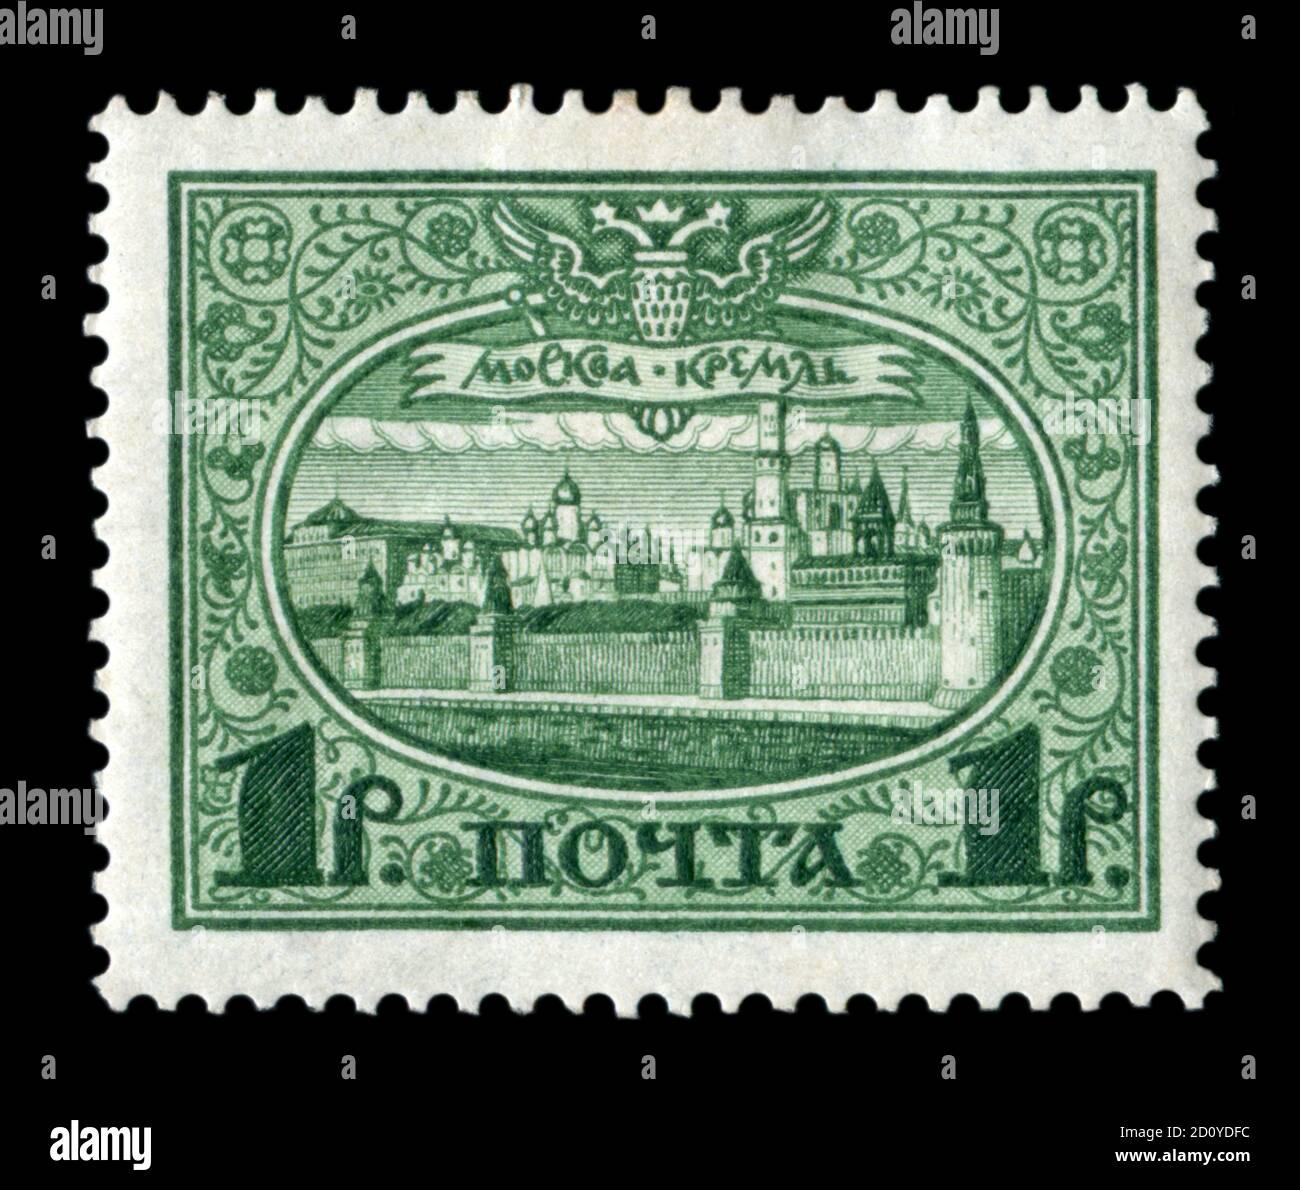 Timbre-poste historique russe : 300e anniversaire de la maison de Romanov. Dynastie tsariste de l'Empire russe, Kremlin de Moscou, Russie, 1913 Banque D'Images